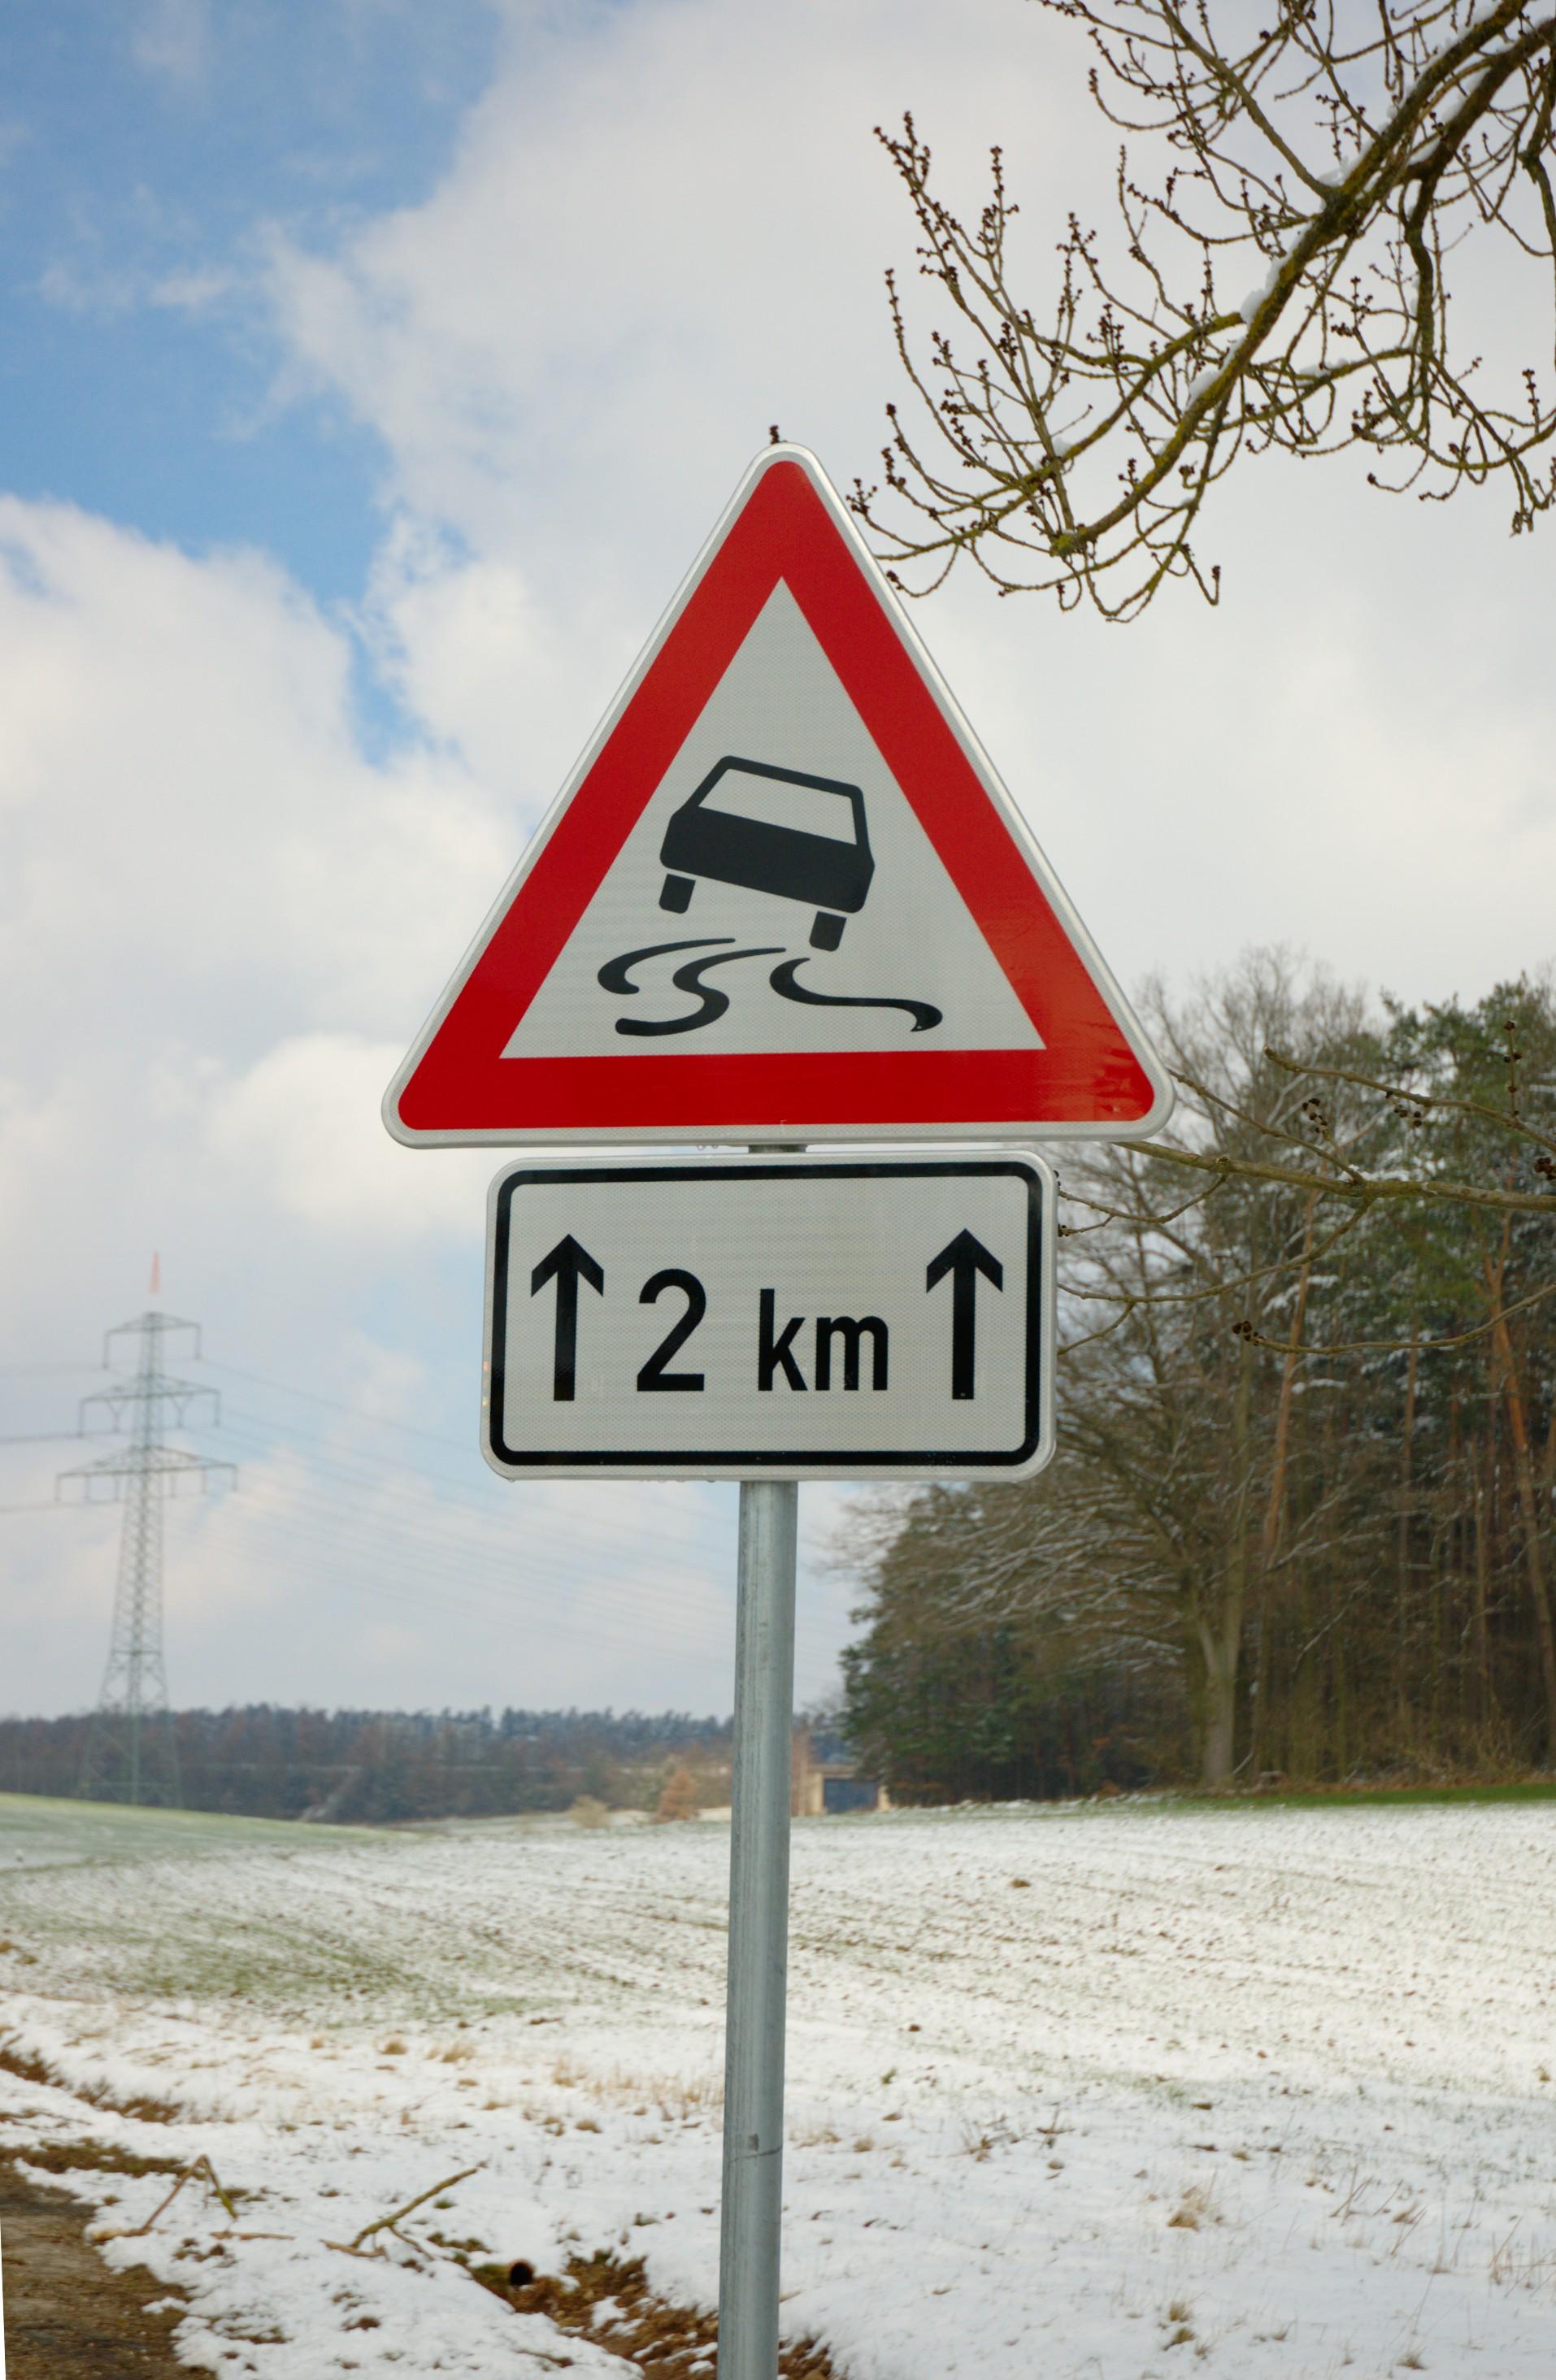 Bildtafel der Verkehrszeichen in der Bundesrepublik